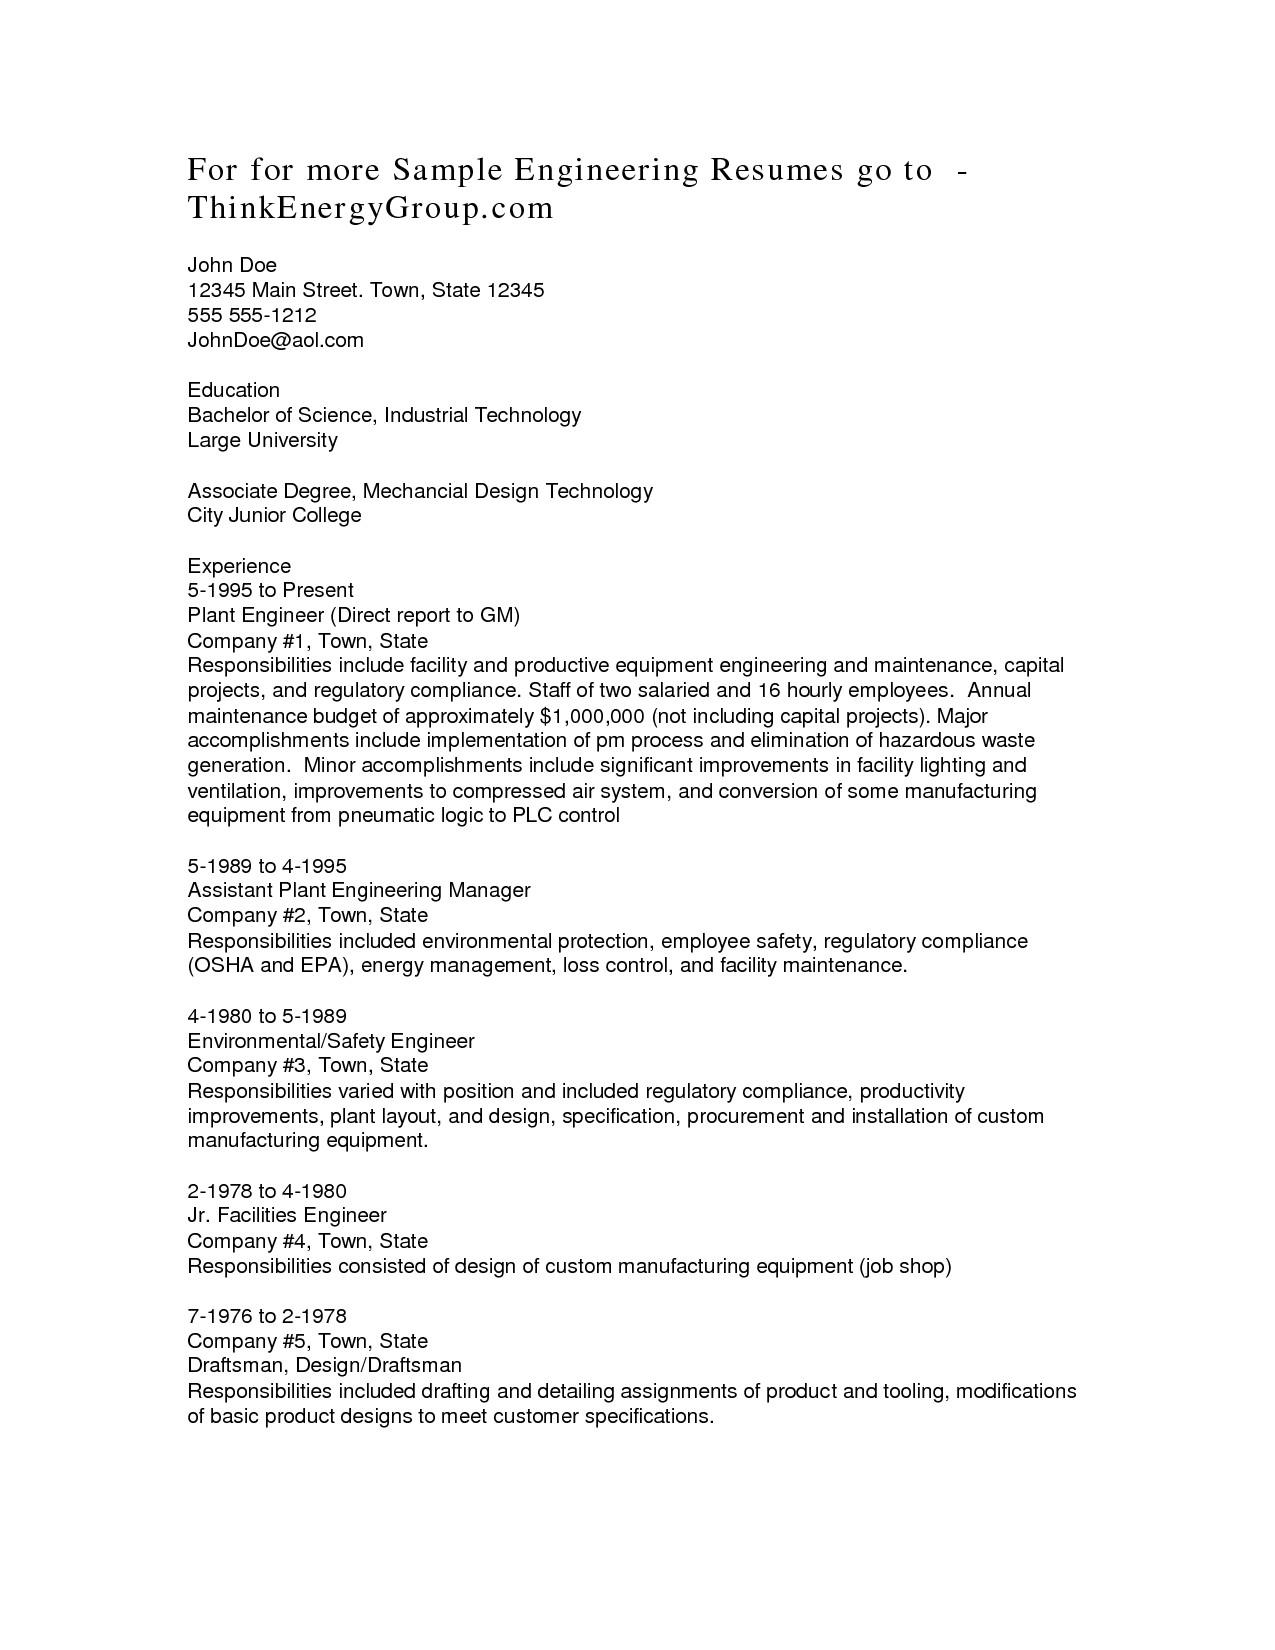 how do you write associate degree on a resume